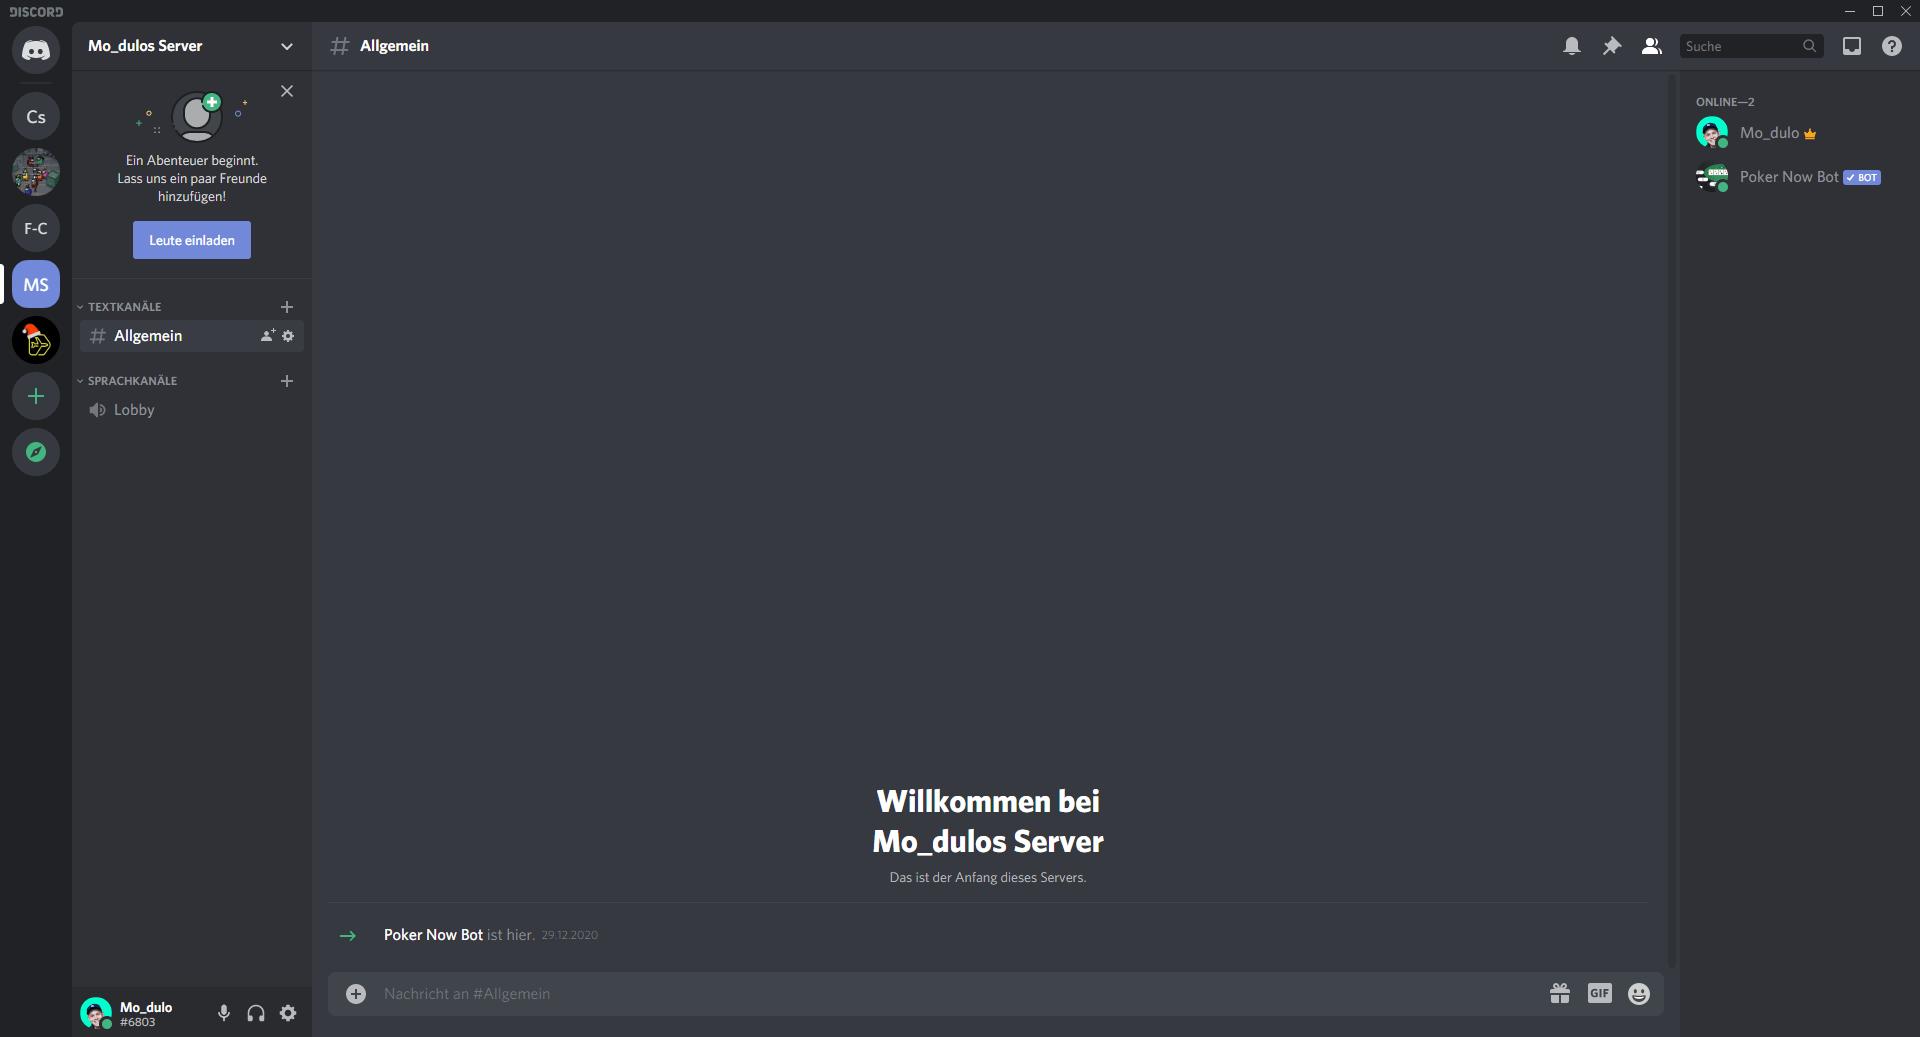 Screenshot aus Discord - discord zu nutzen ist ein Tipp für bessere Videocalls